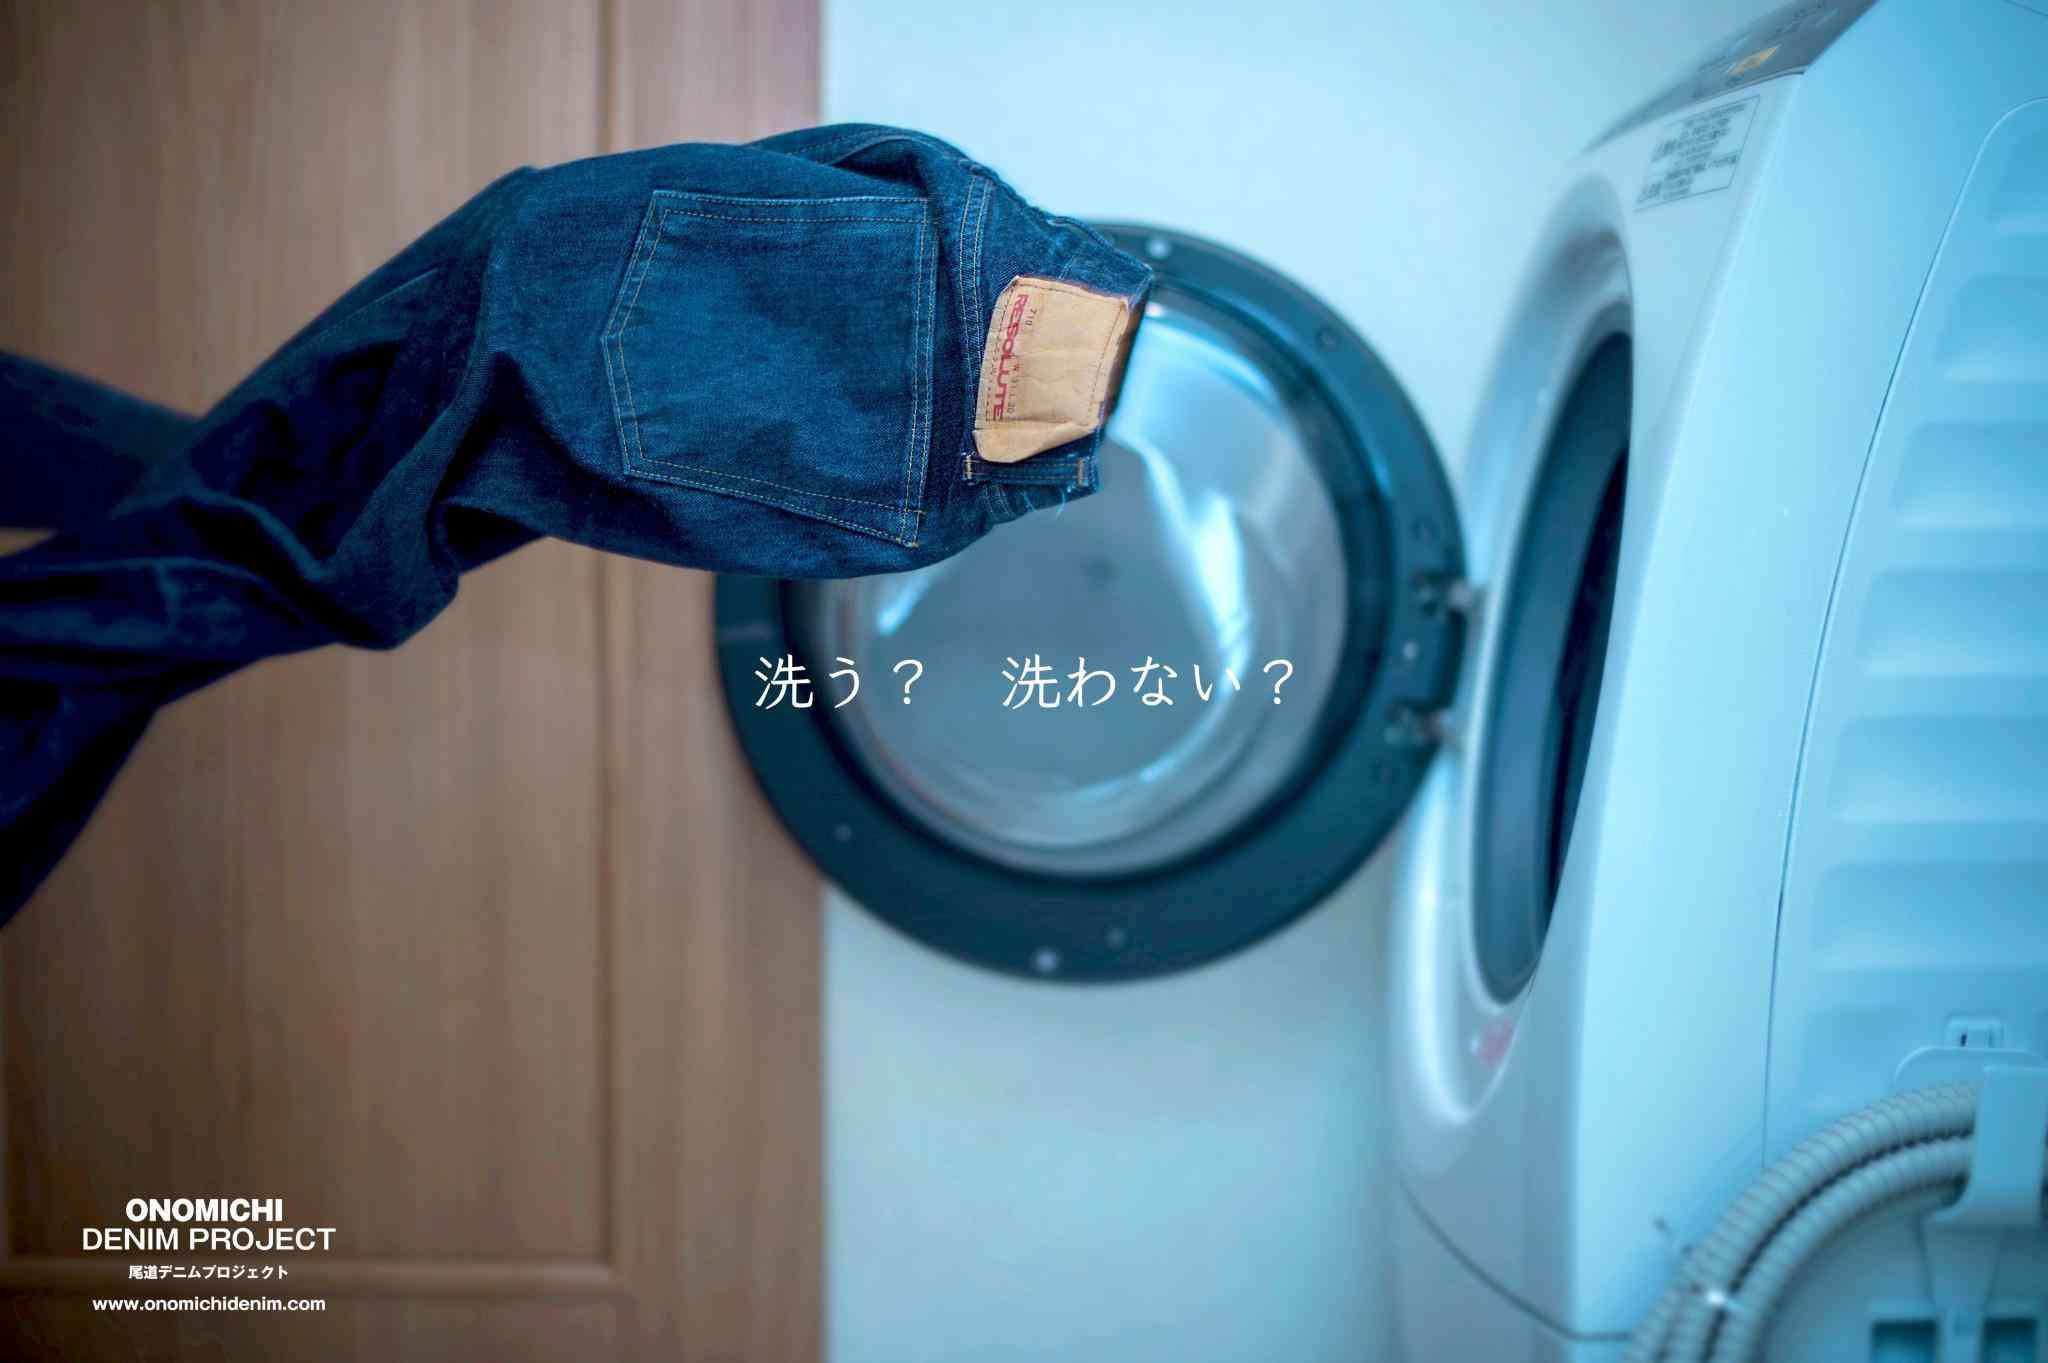 デニムは洗う?洗わない? | ONOMICHI DENIM PROJECT